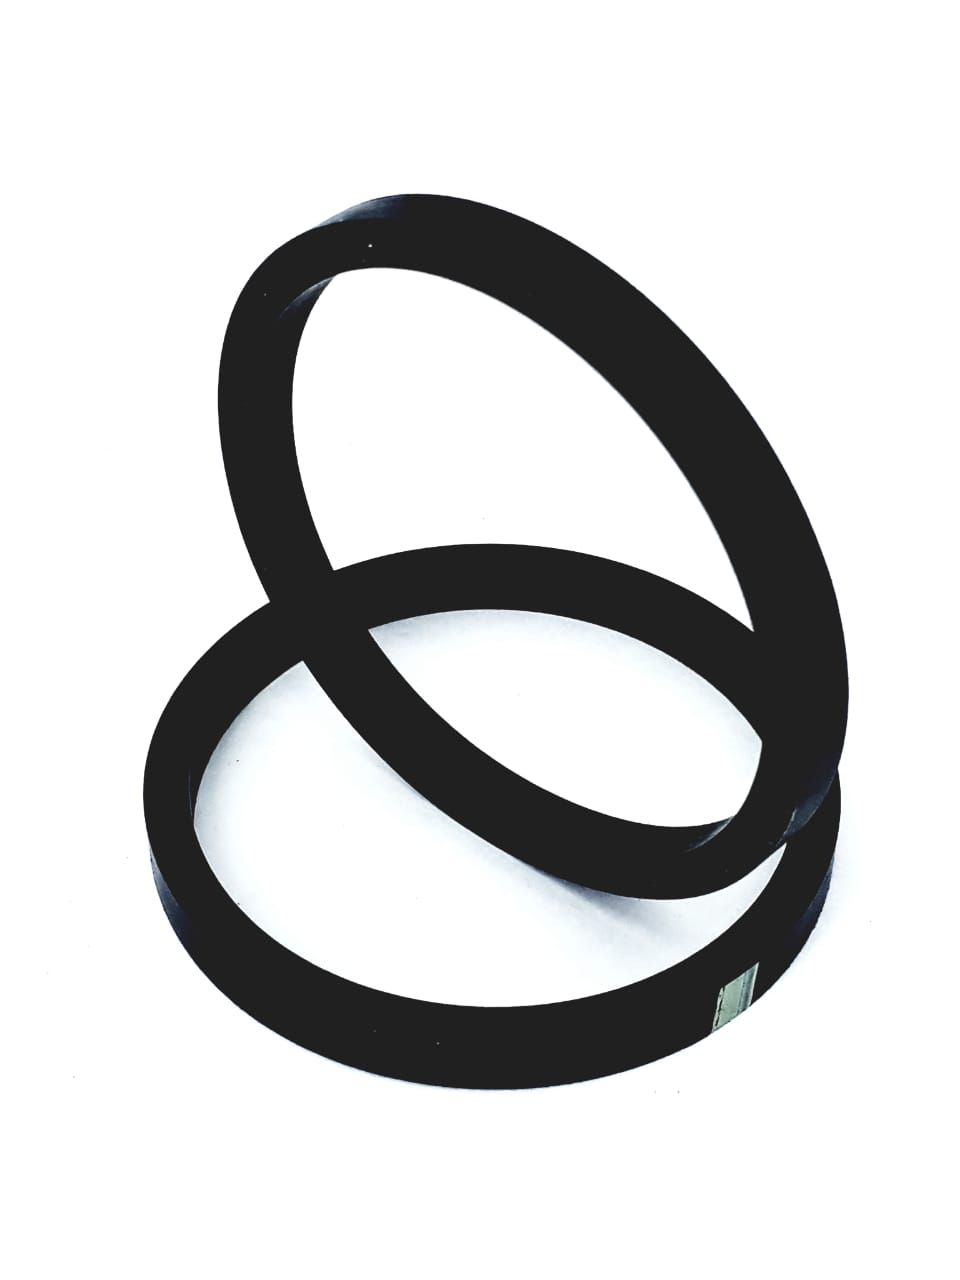 20 peças Anel de Vedação Borracha Linha EA111 2,36 polegadas